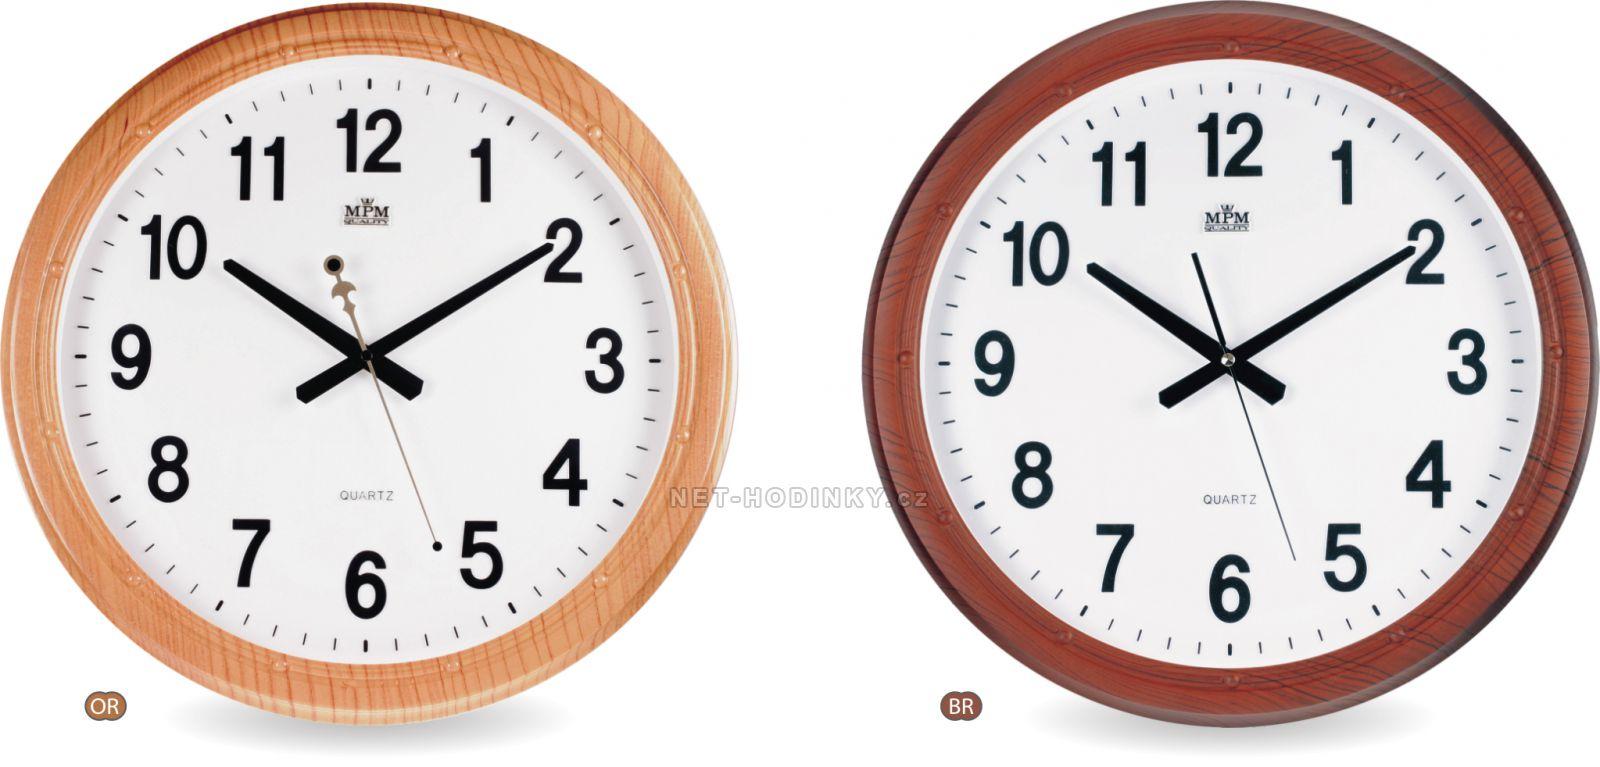 Nástěnné hodiny na stěnu s výraznými číslicemi, nástěnné hodiny na zeď sweep kulaté